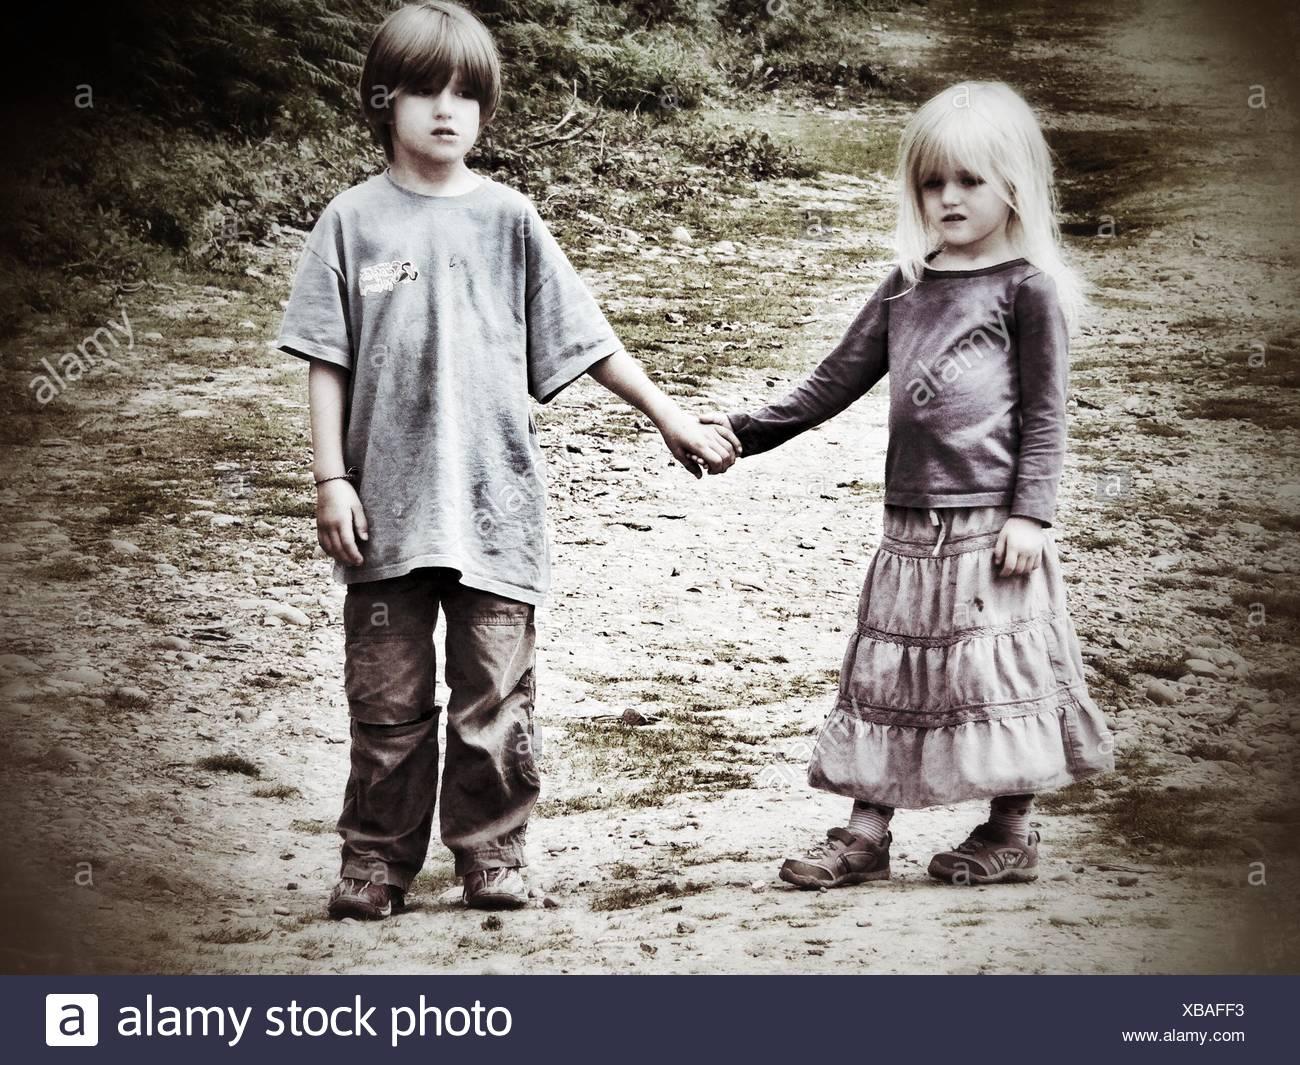 Toute la longueur de la fratrie Holding Hands Photo Stock